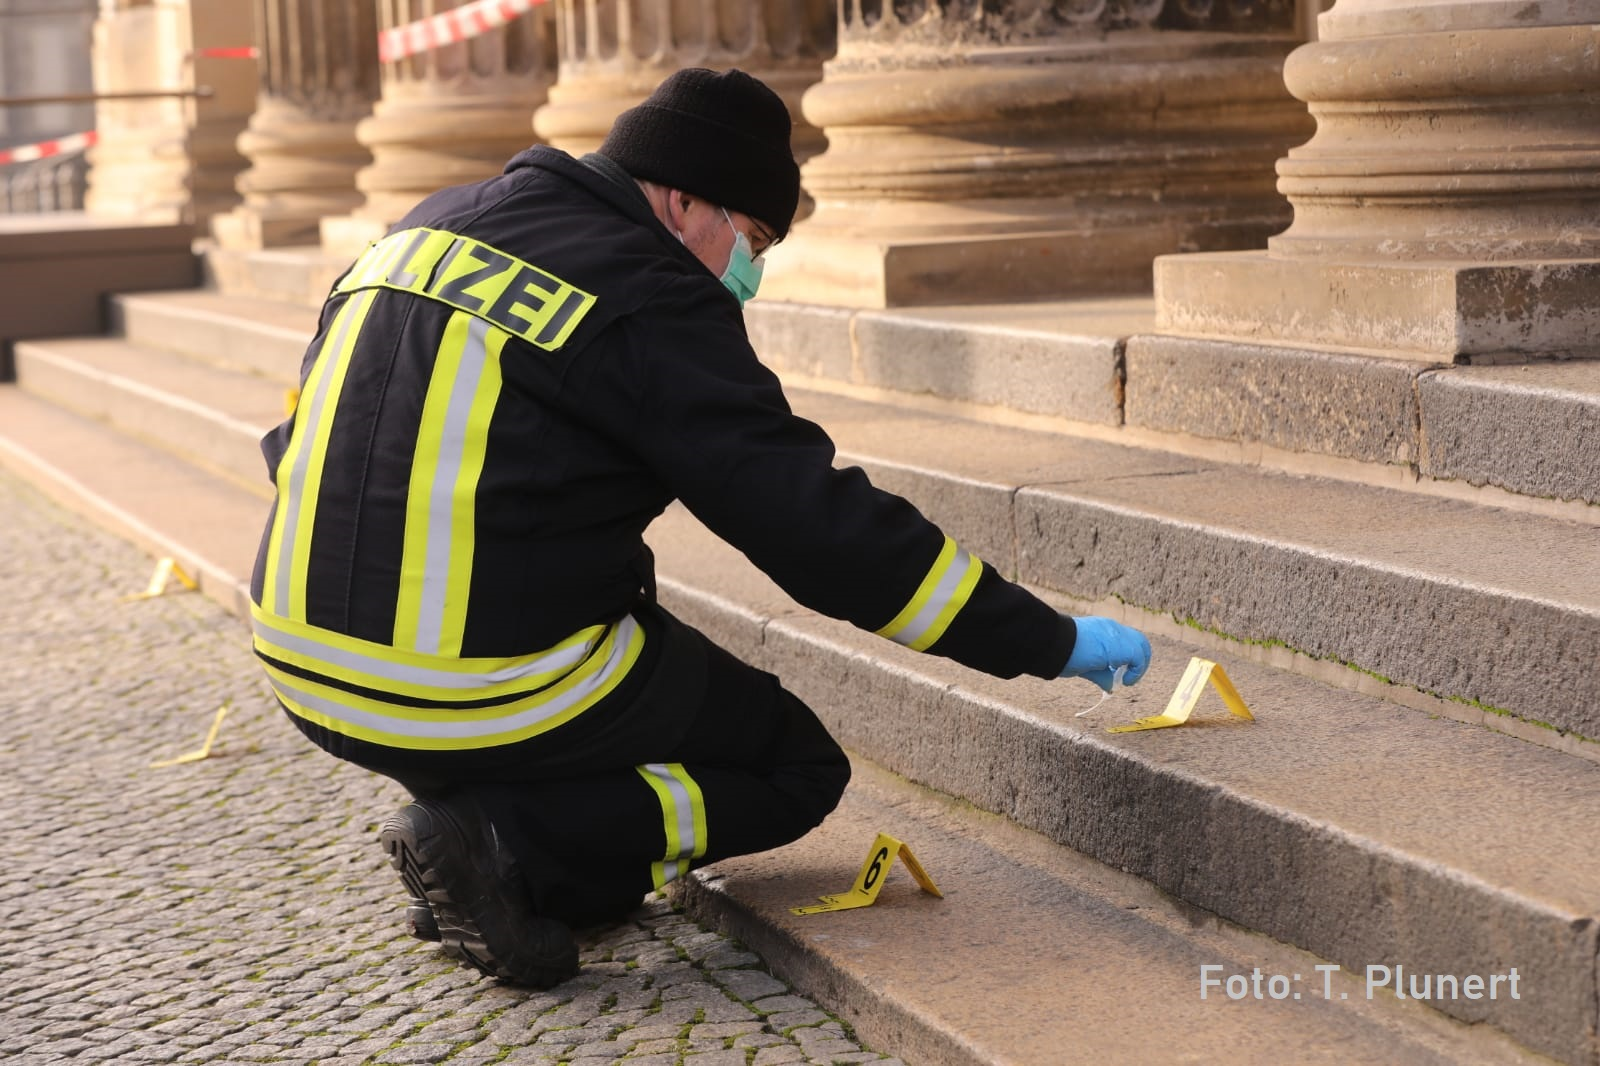 Spurensicherung nach Raub im Grünen Gewölbe in Dresden. Ein Polizist stellt ein gelbes nummeriertes Schild auf einer Treppe an der Schinkelwache auf.